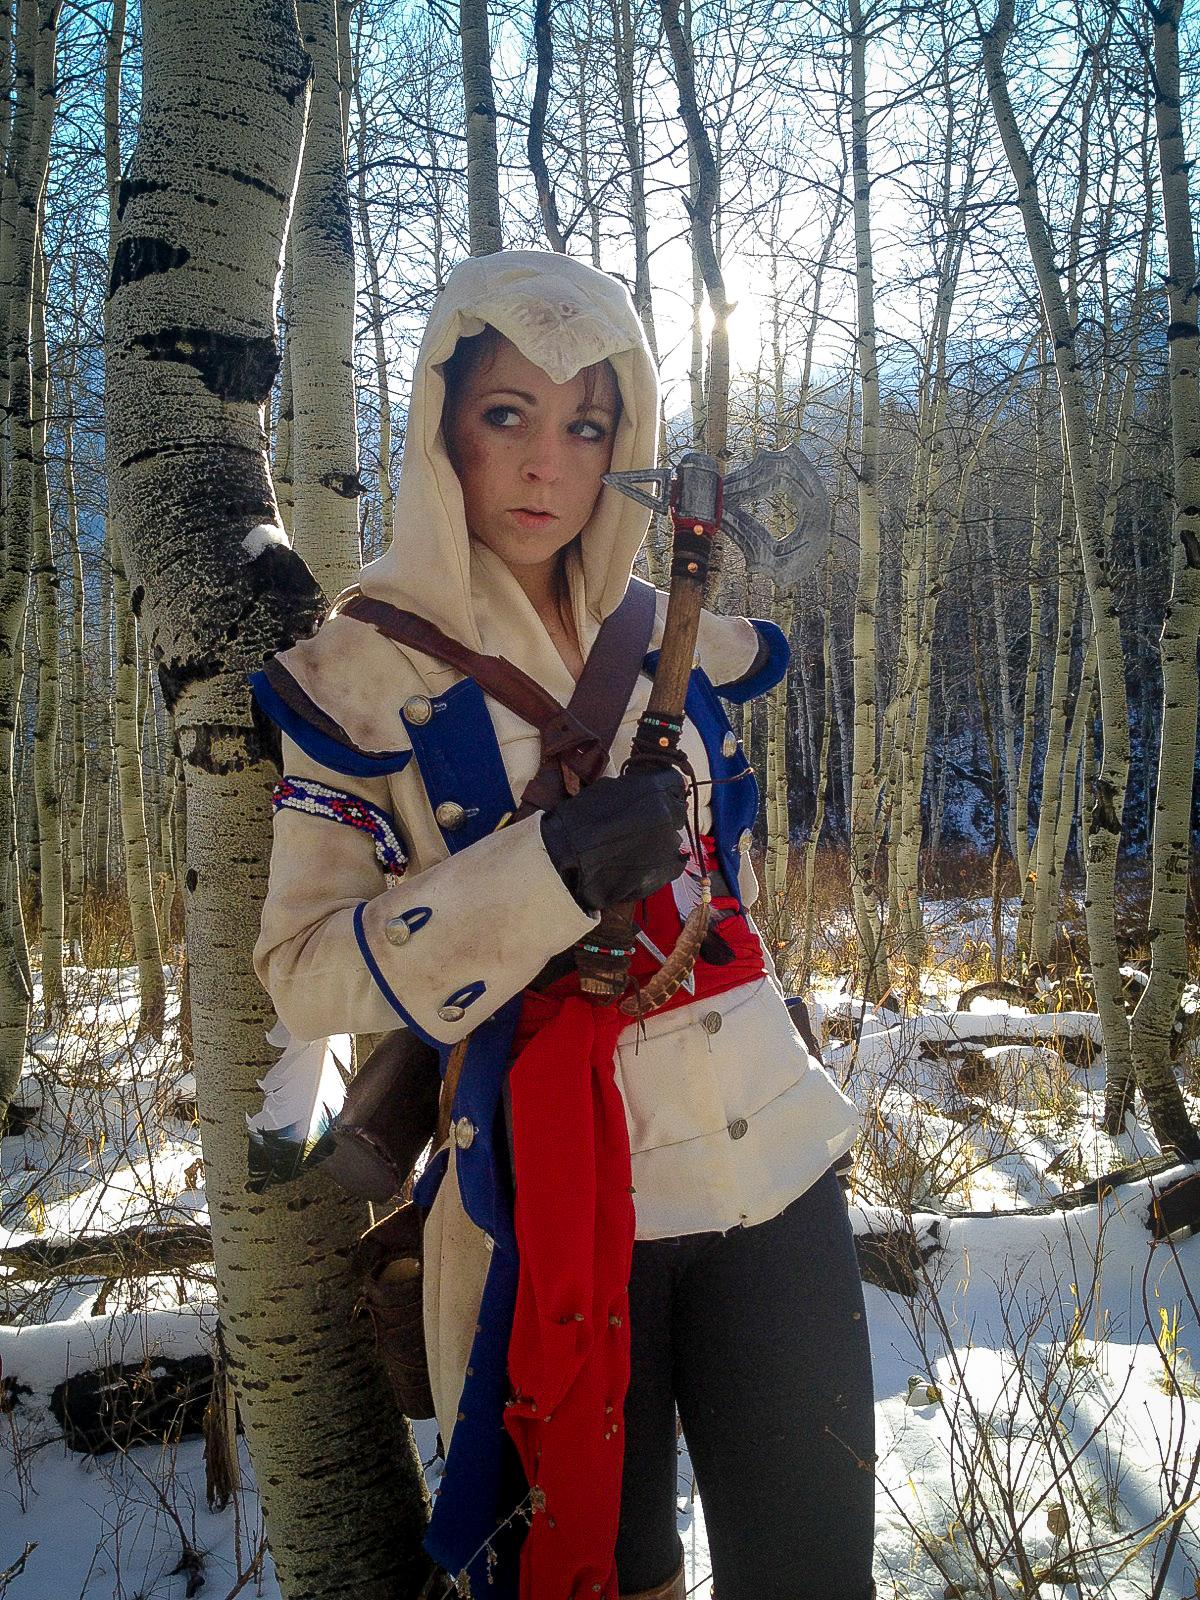 Lindsey Stirling Assassins Creed Wallpaper Taste Of Jace: ...